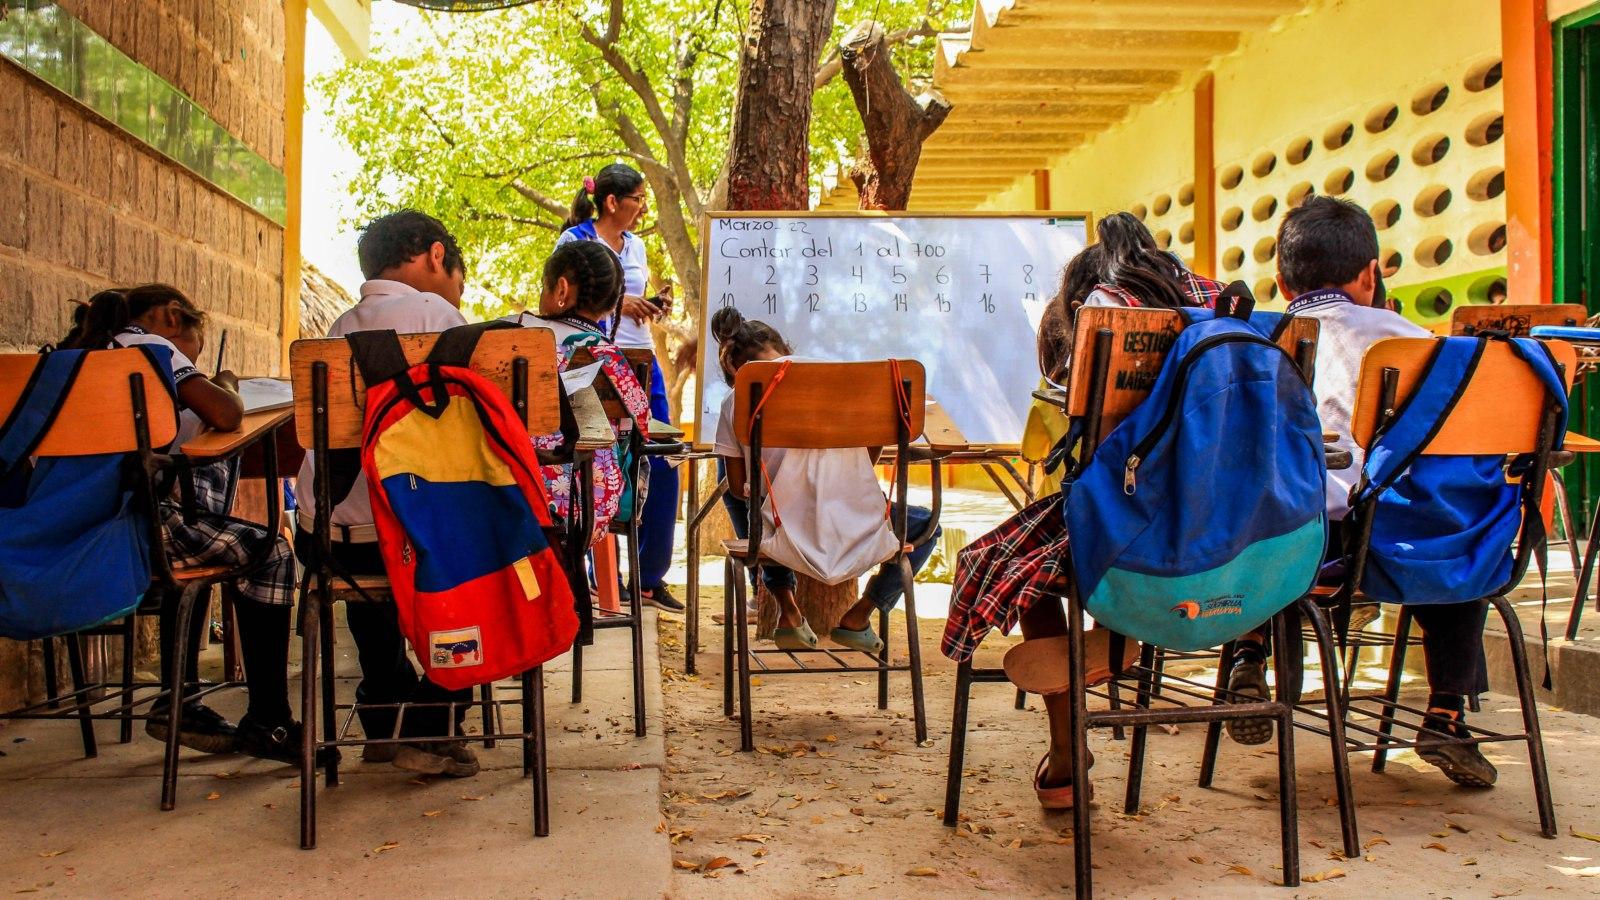 ¿Cómo van los planes del gobierno para los migrantes de Venezuela?